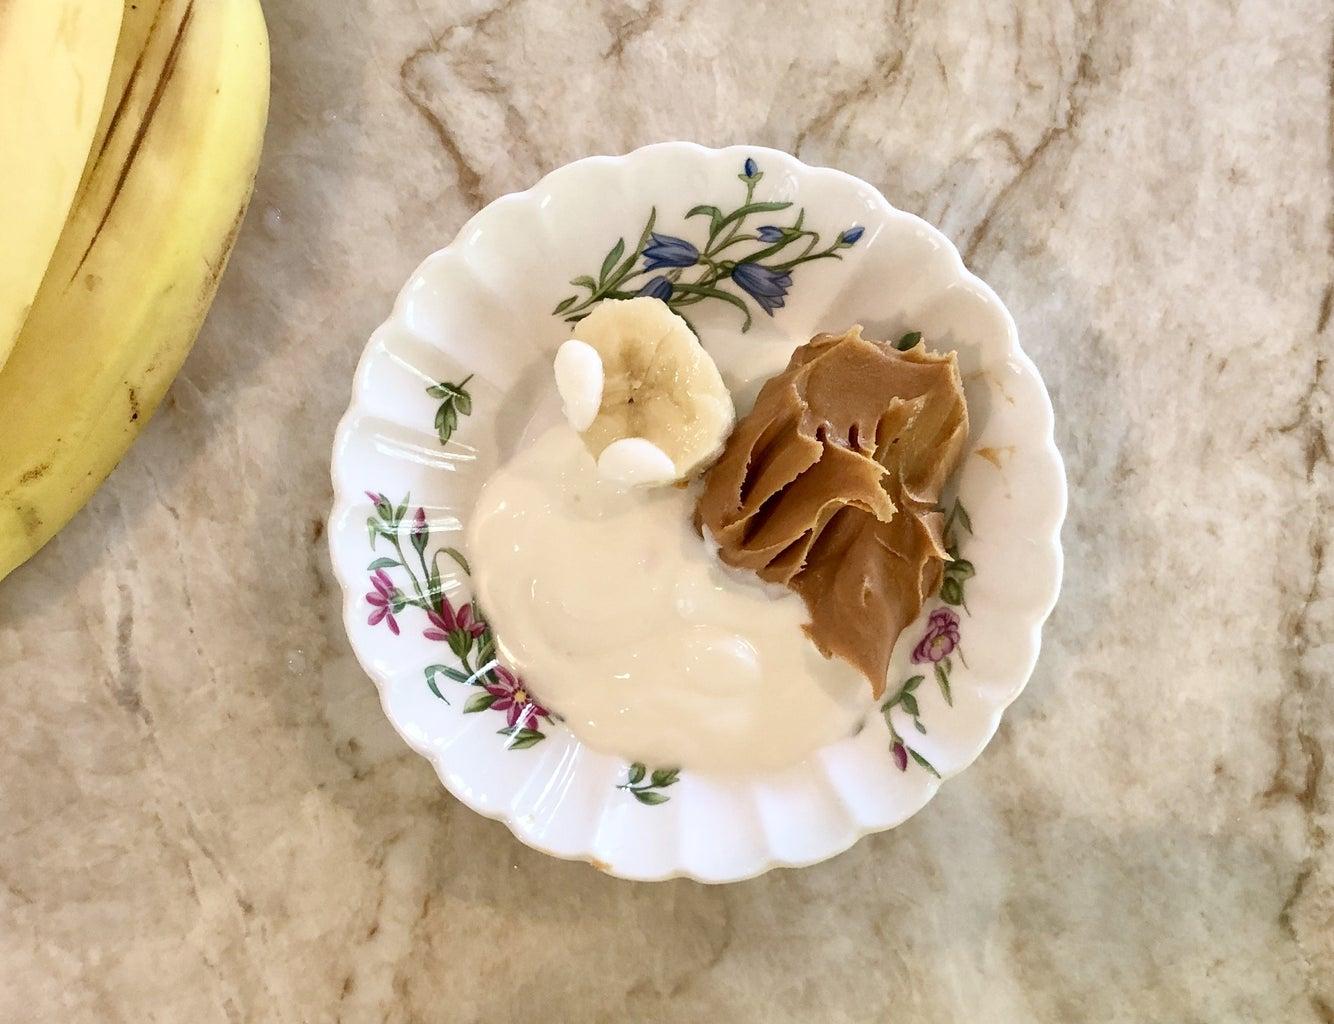 Peanut Butter Banana Treats